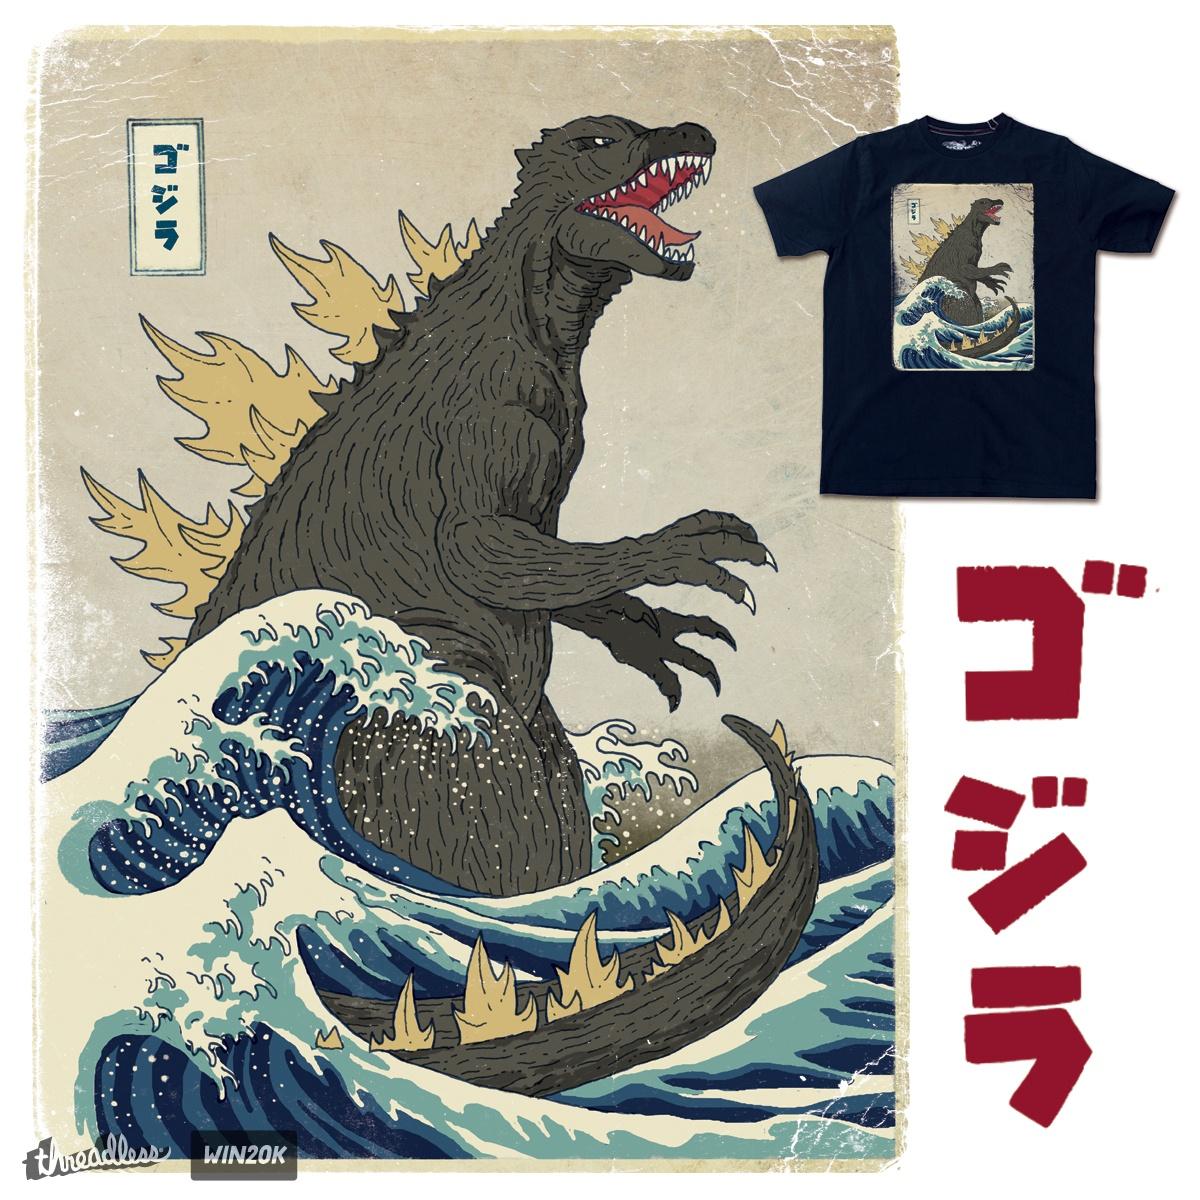 The Great Godzilla off Kanagawa by DinoMike on Threadless